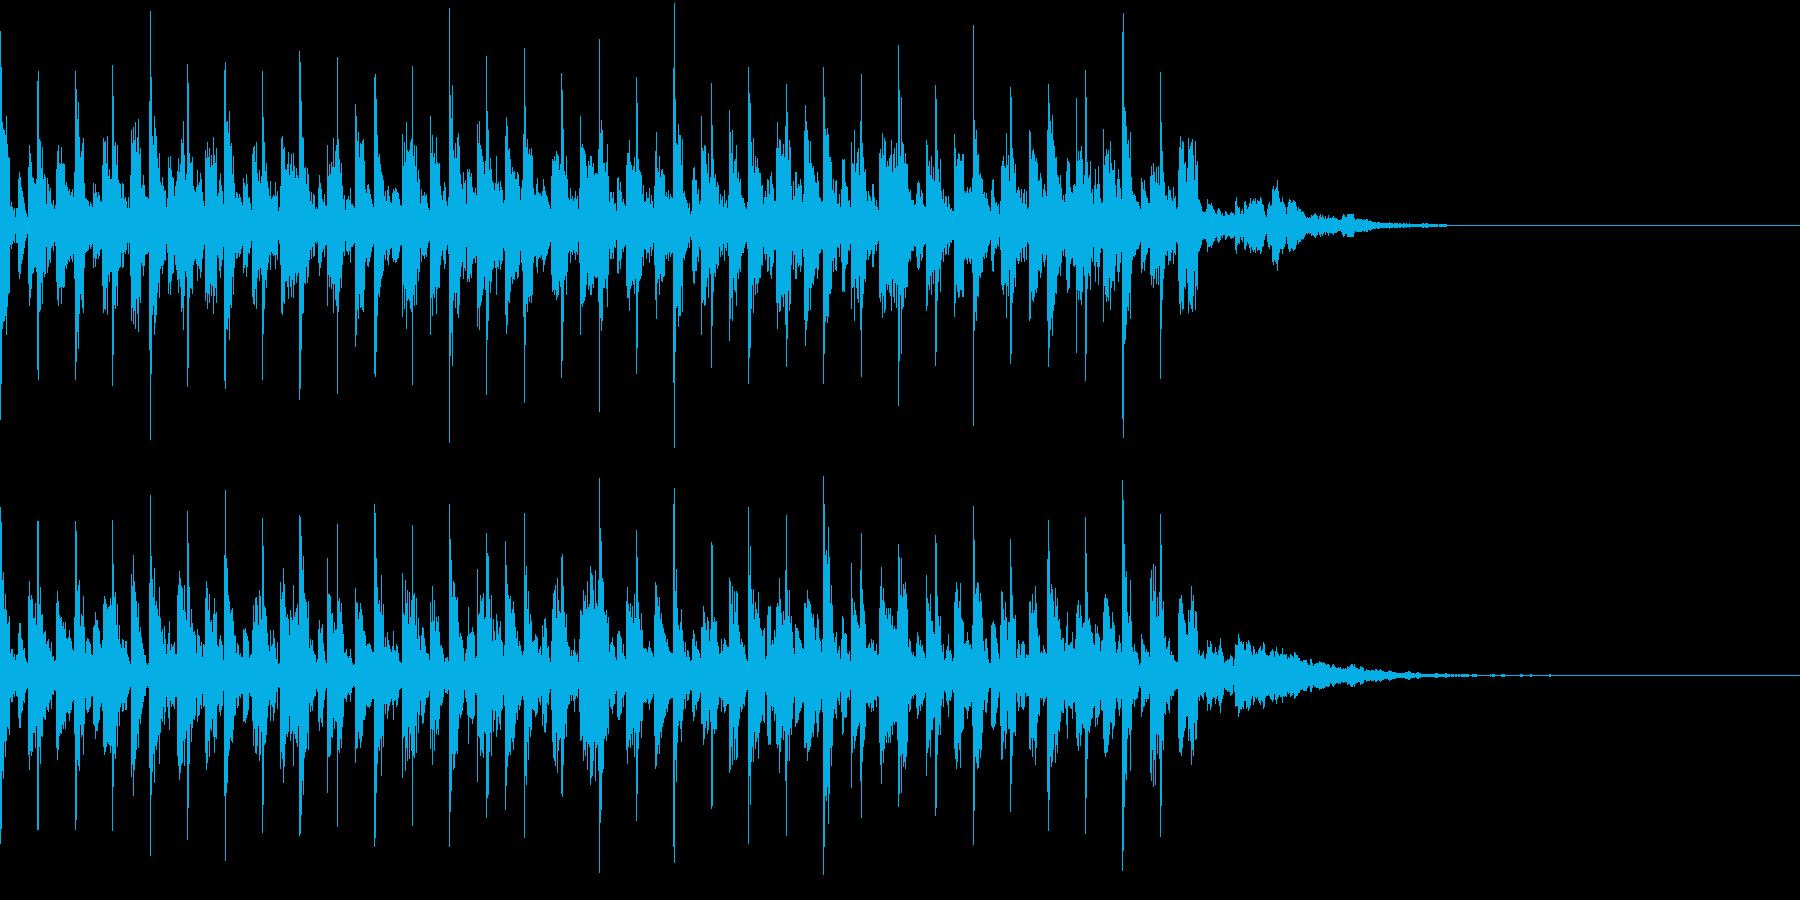 アンダーグラウンドなテクノ調のBGMの再生済みの波形